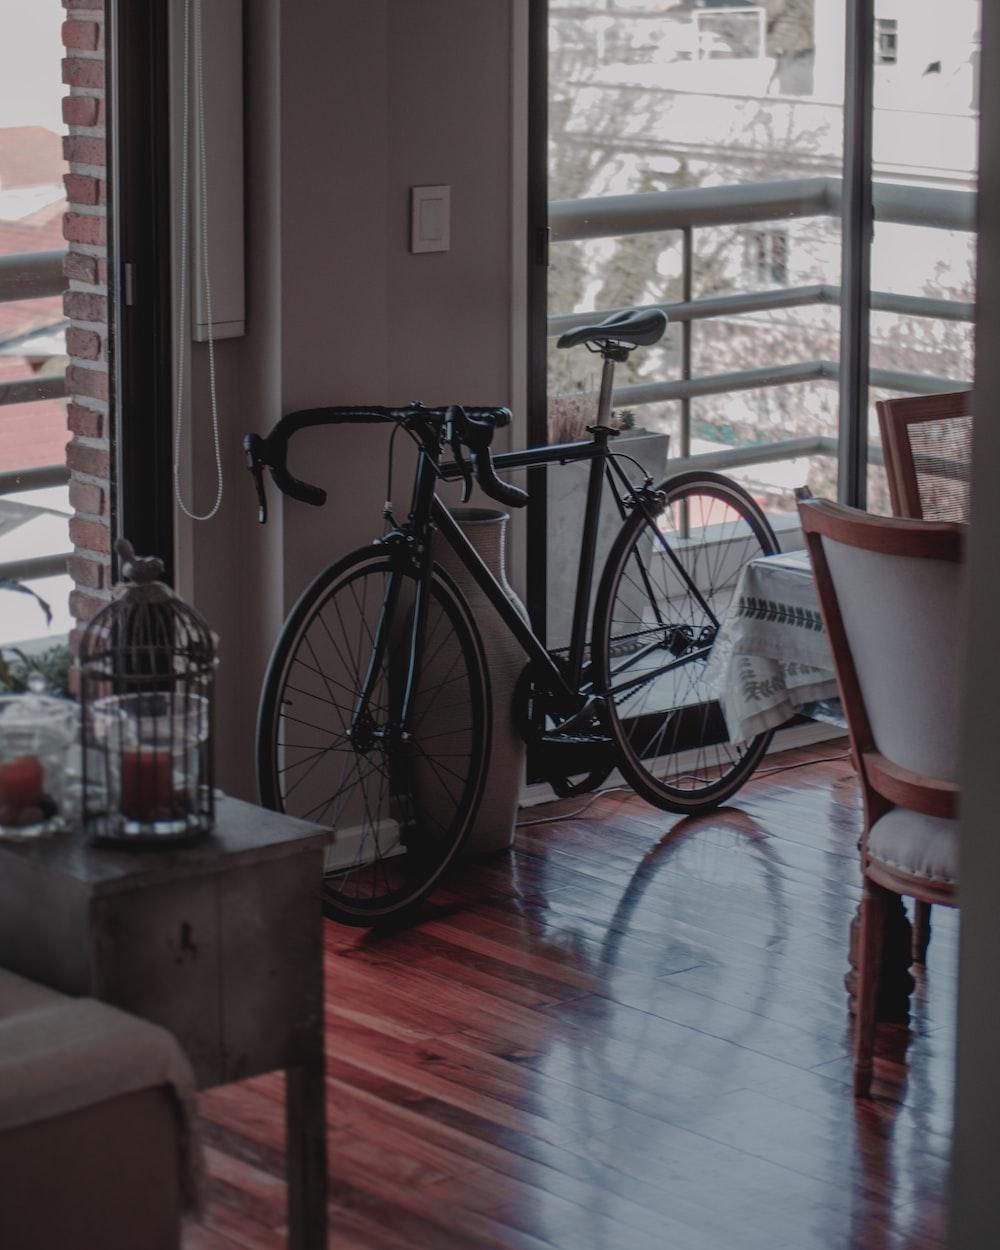 black city bike near glass window